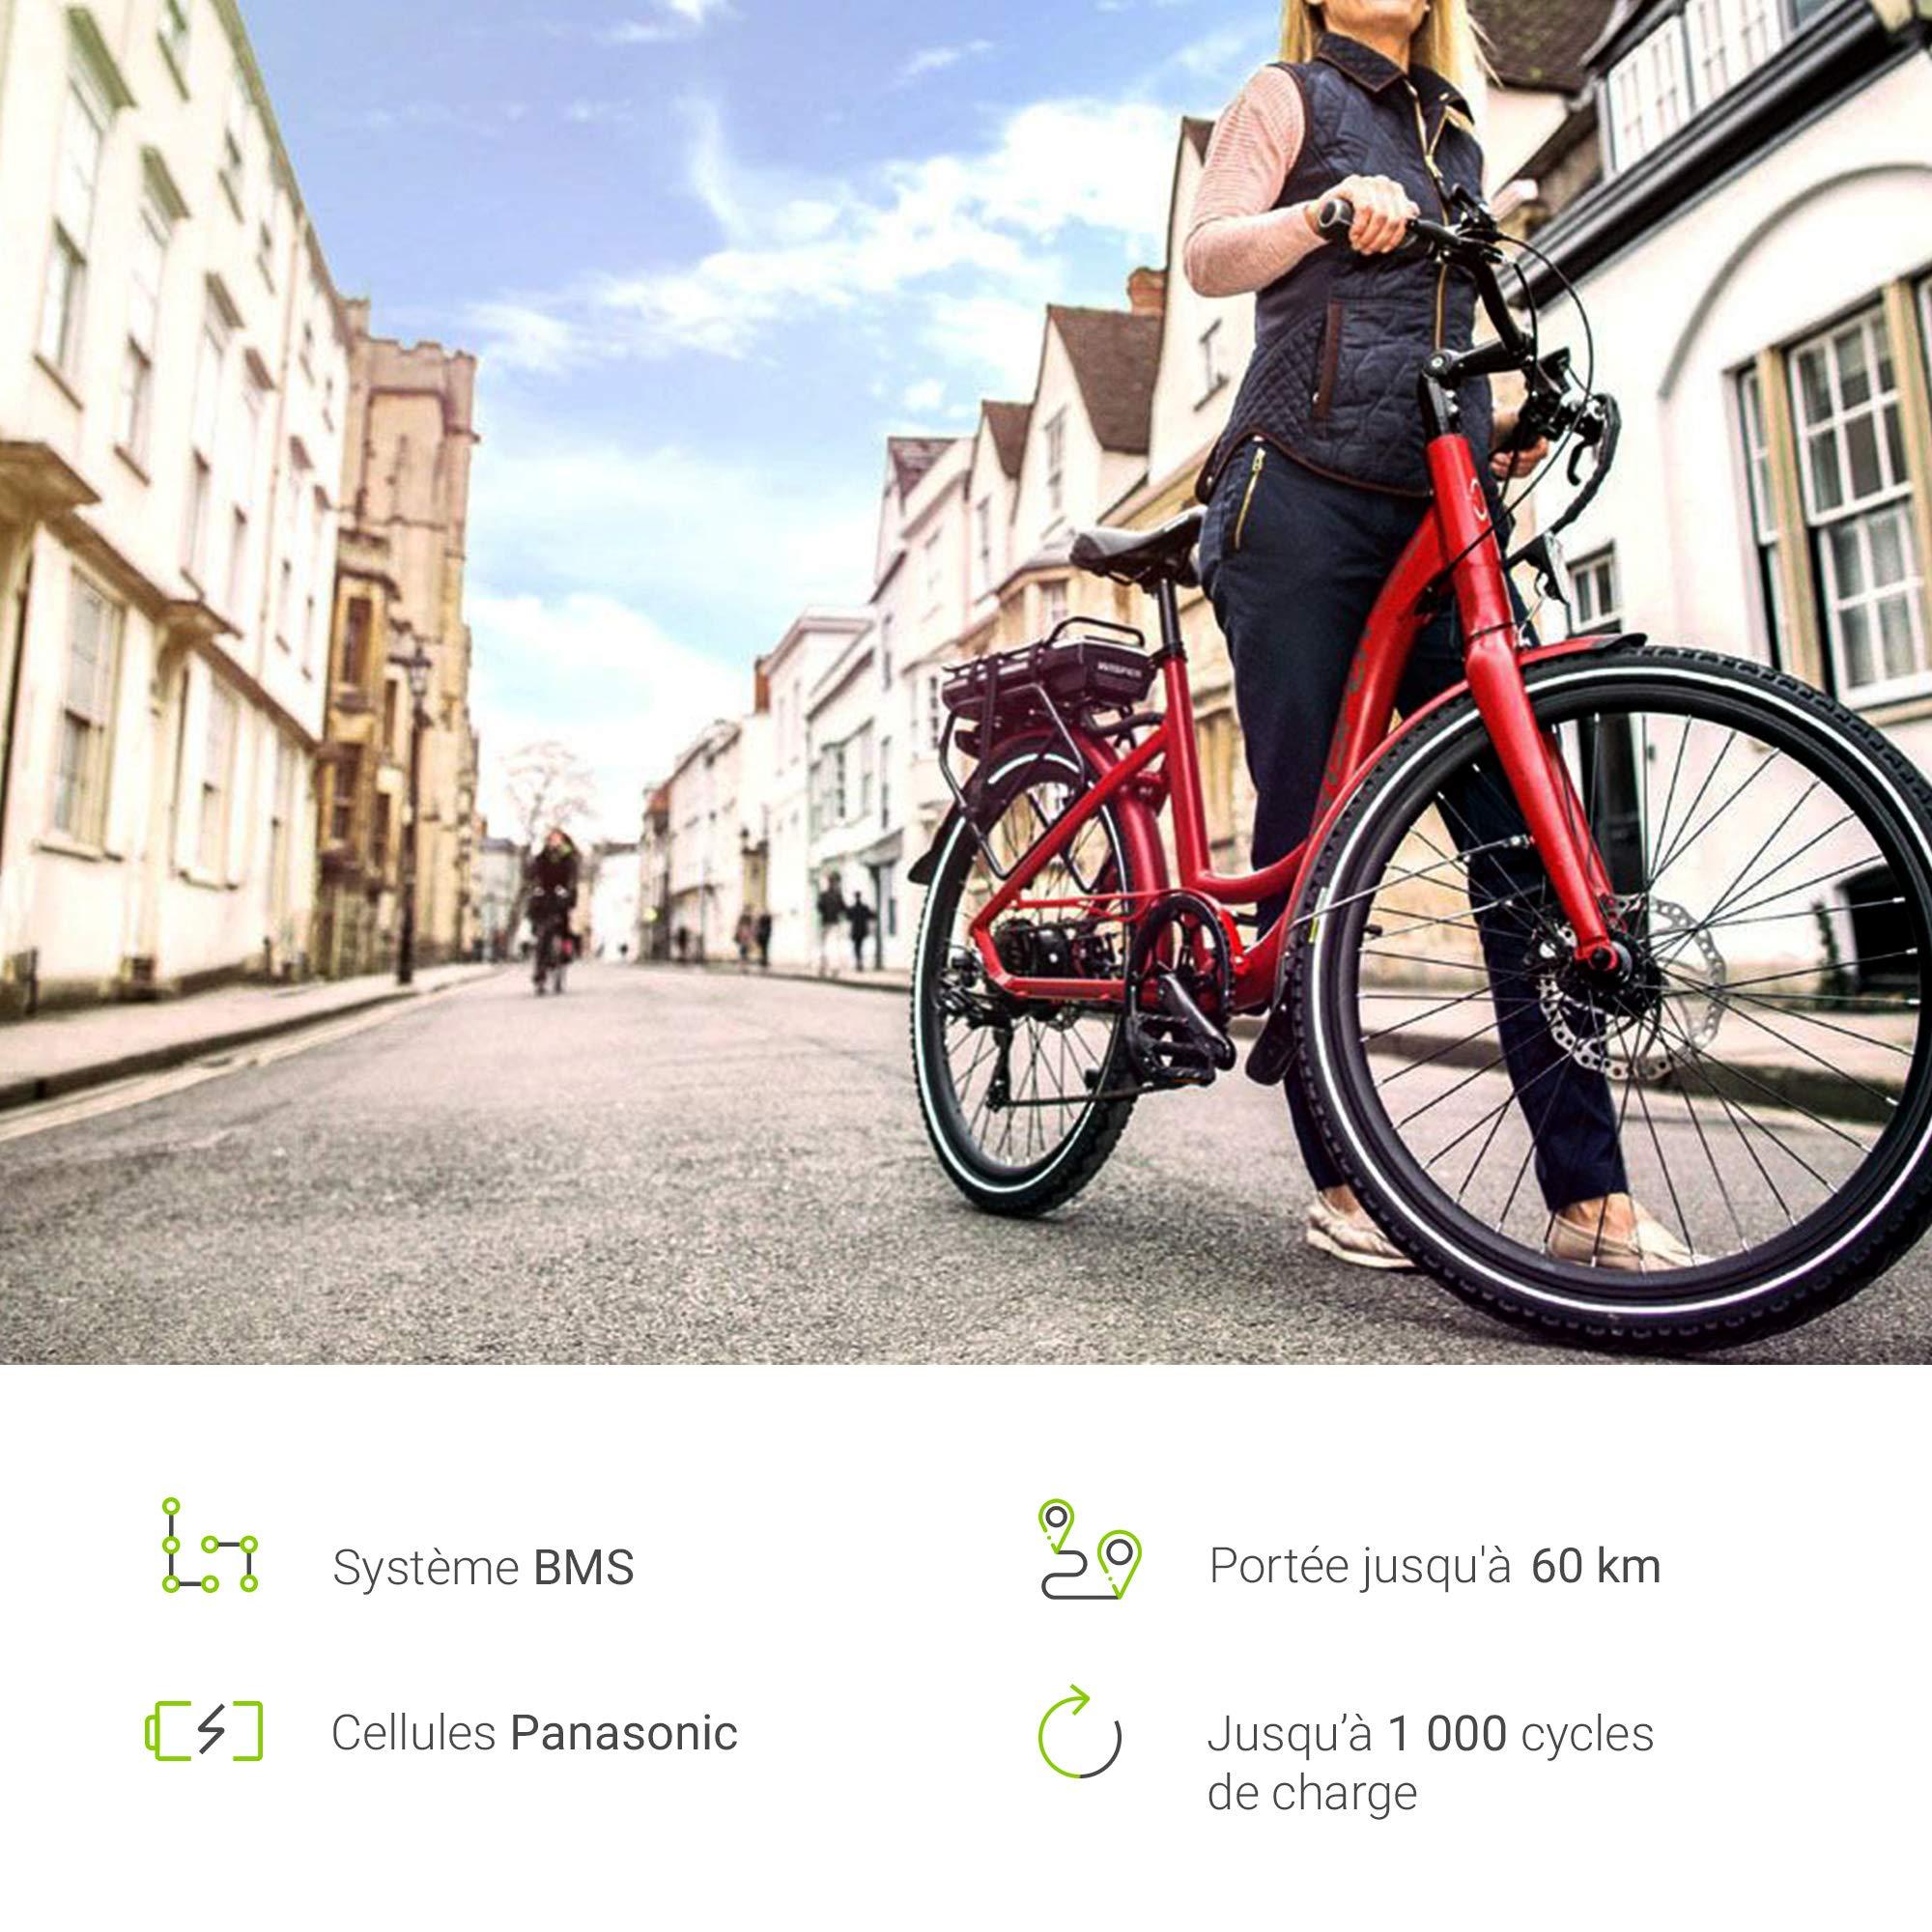 Green Cell ebike 8.8 Ah 24 V batería para Bicicletas eléctrico Telefunken Easybike Decathlon DB Winora Velocity Silverfish Pedelec con Cargador y Celdas Panasonic Li-Ion: Amazon.es: Deportes y aire libre